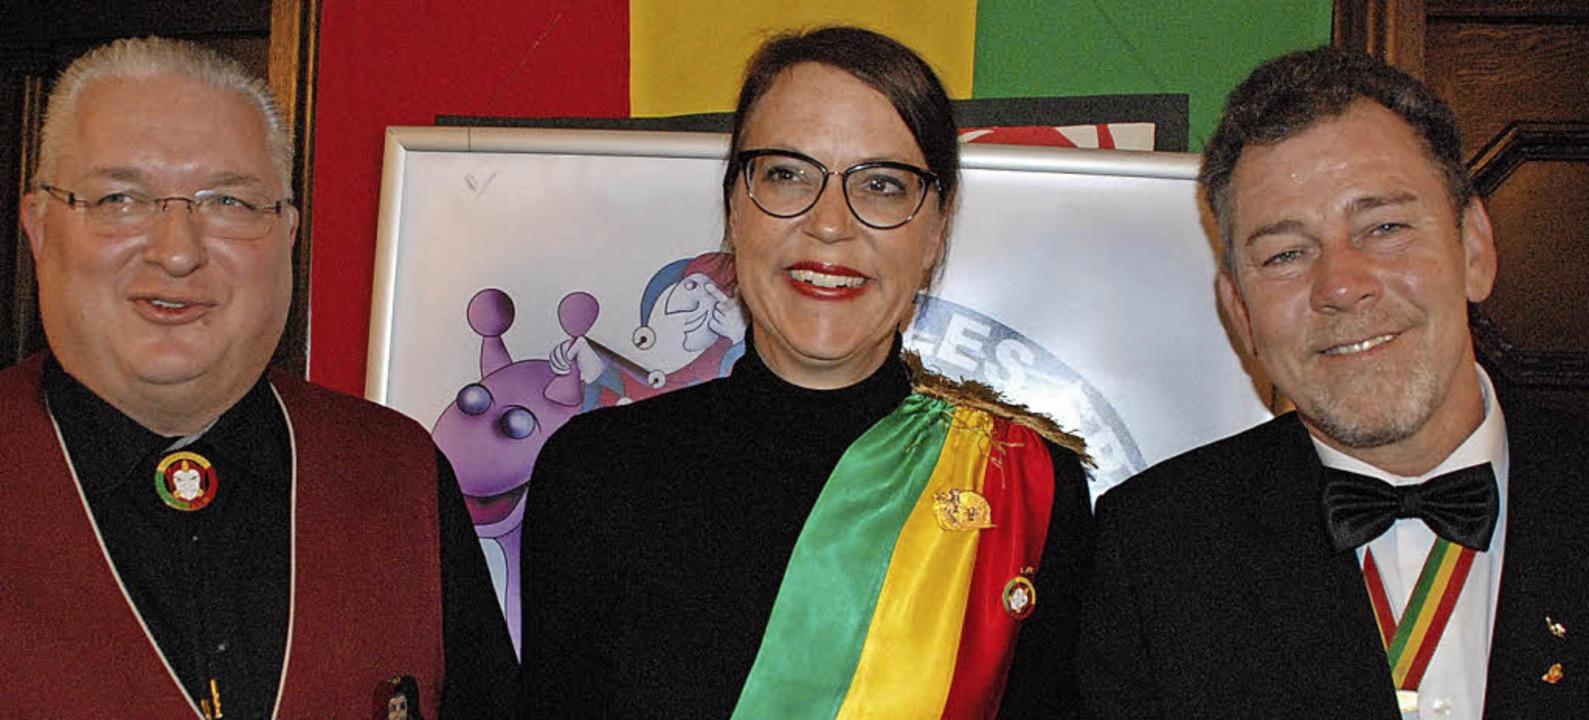 Die Lörracher Fasnacht hat mit Monika ...c nun eine rheinländische Protektorin.  | Foto: Maja Tolsdorf